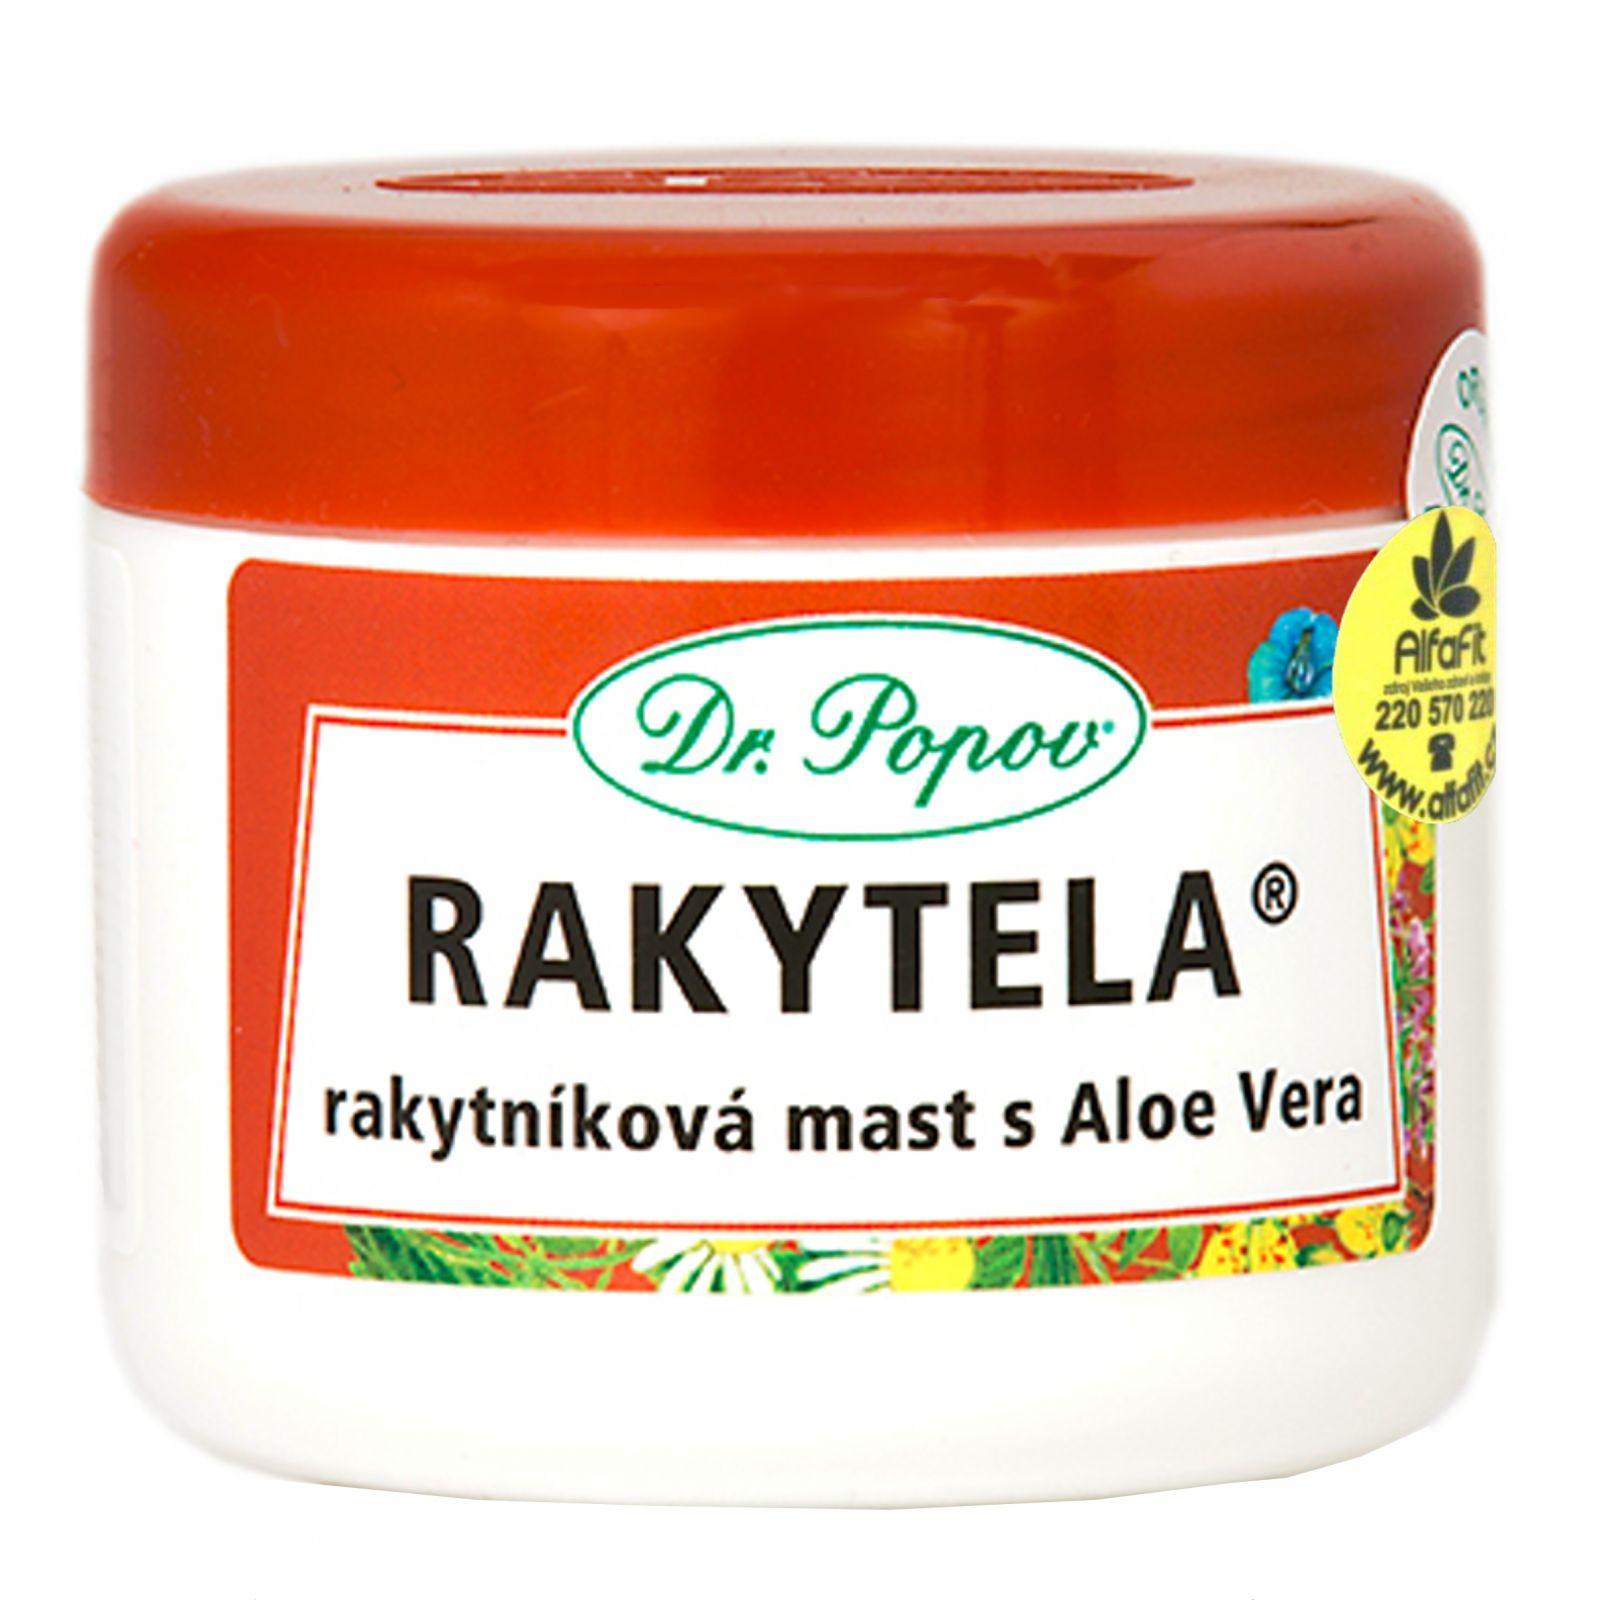 Dr. Popov Rakytela s aloe vera 50 ml